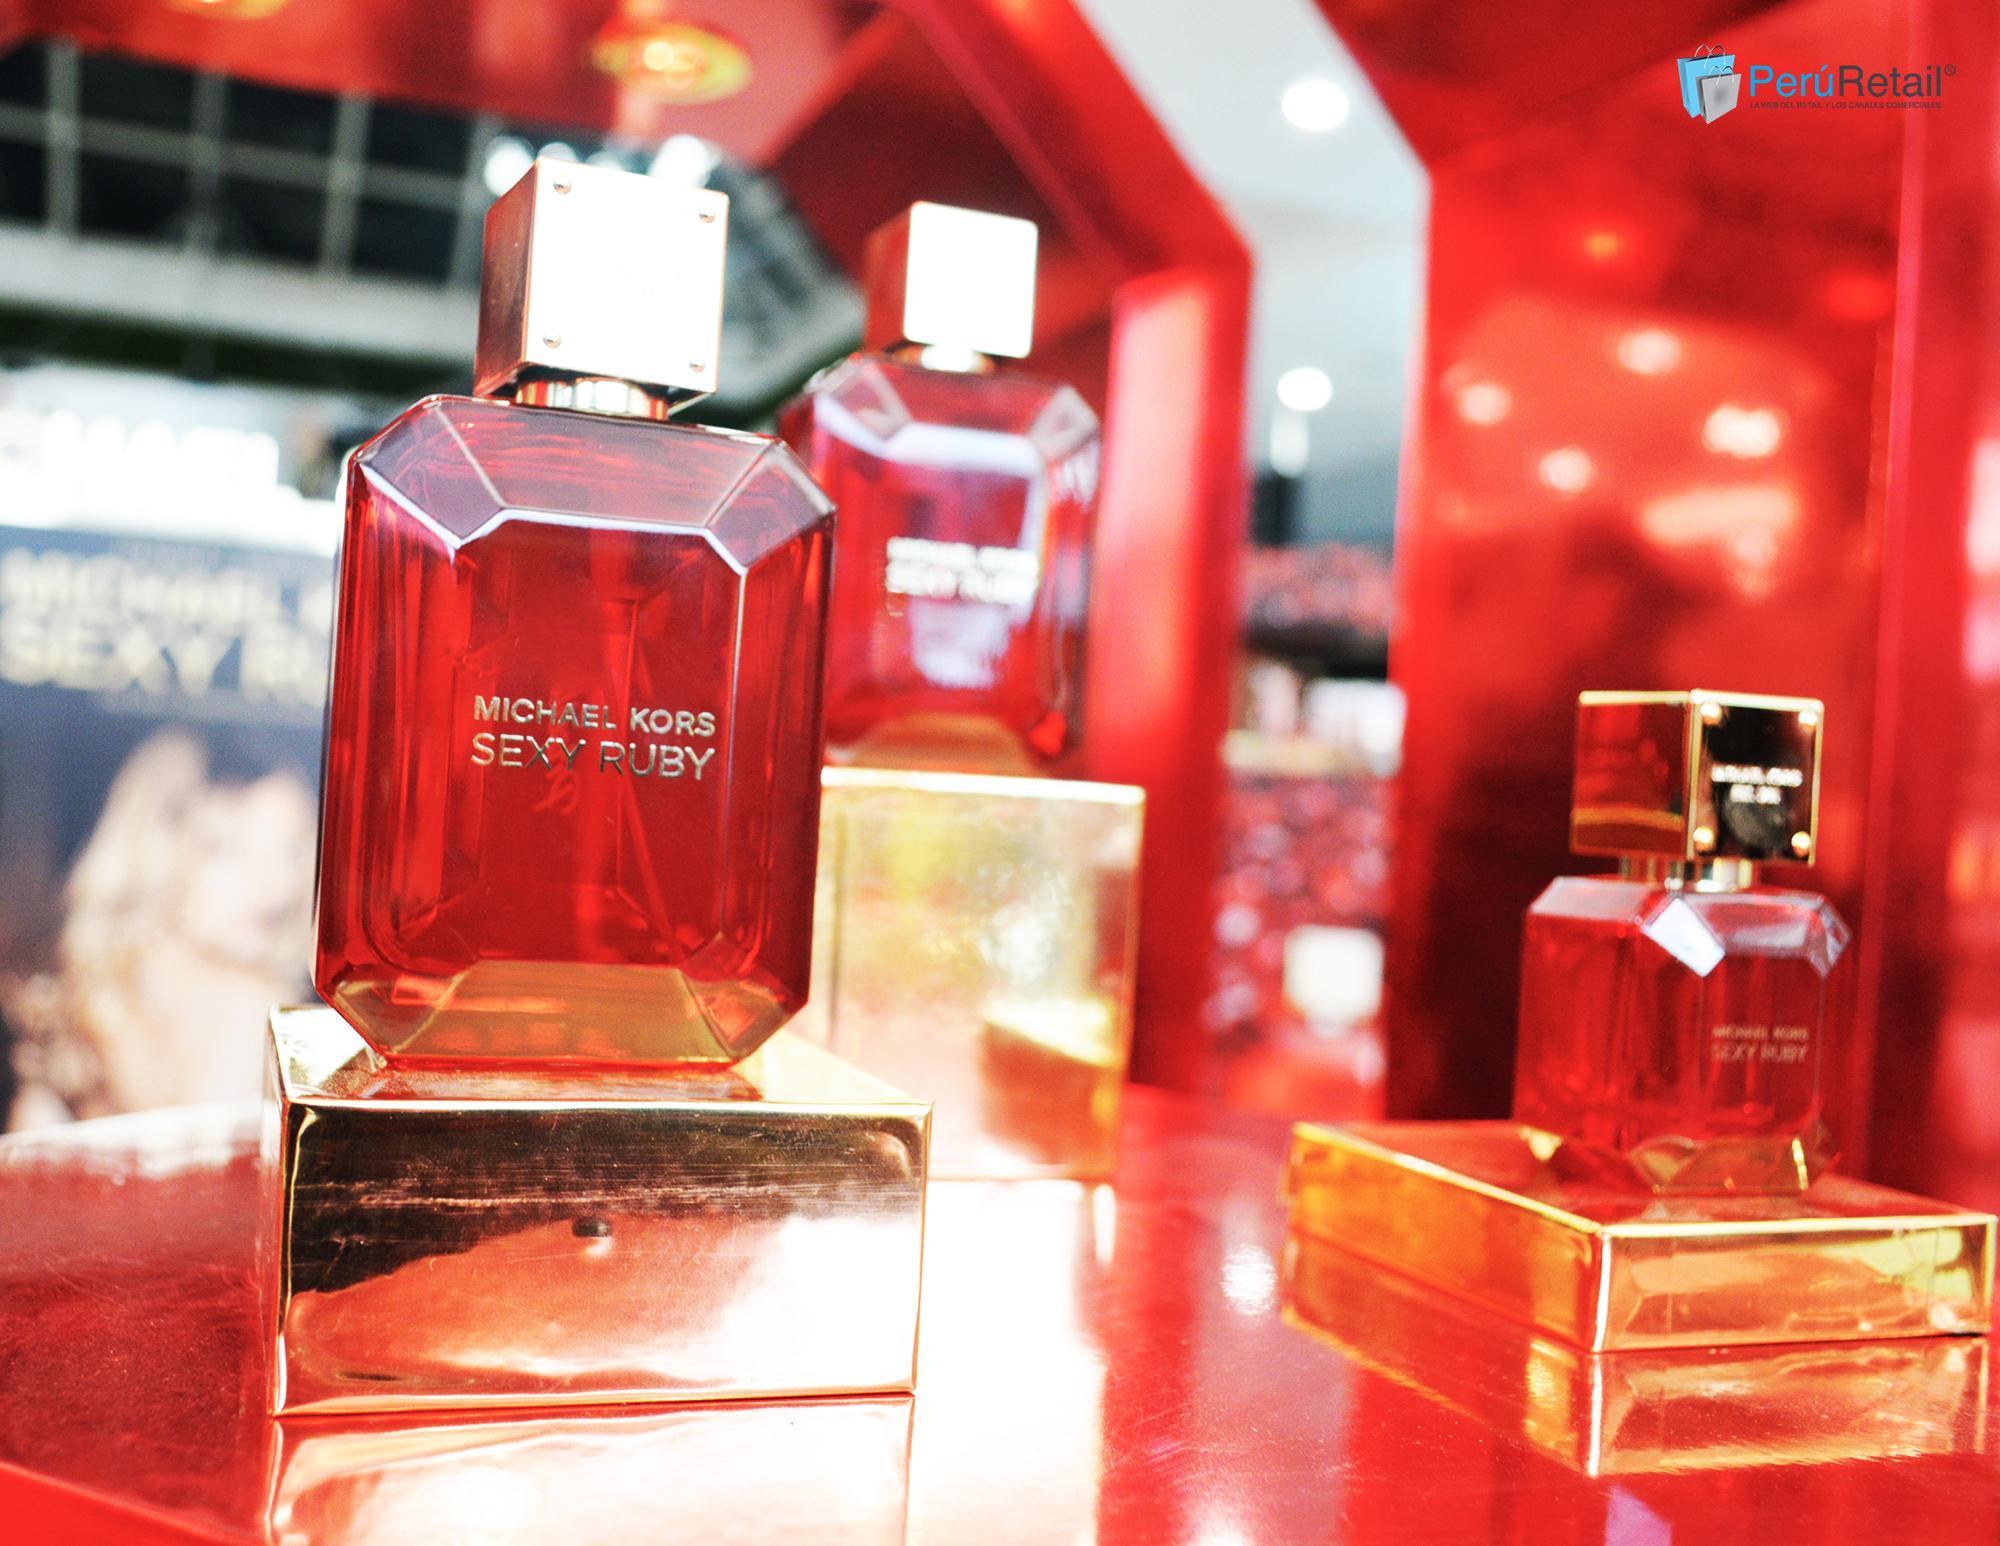 sexy ruby - Michael Kors presenta su nueva fragancia femenina 'Sexy Ruby'